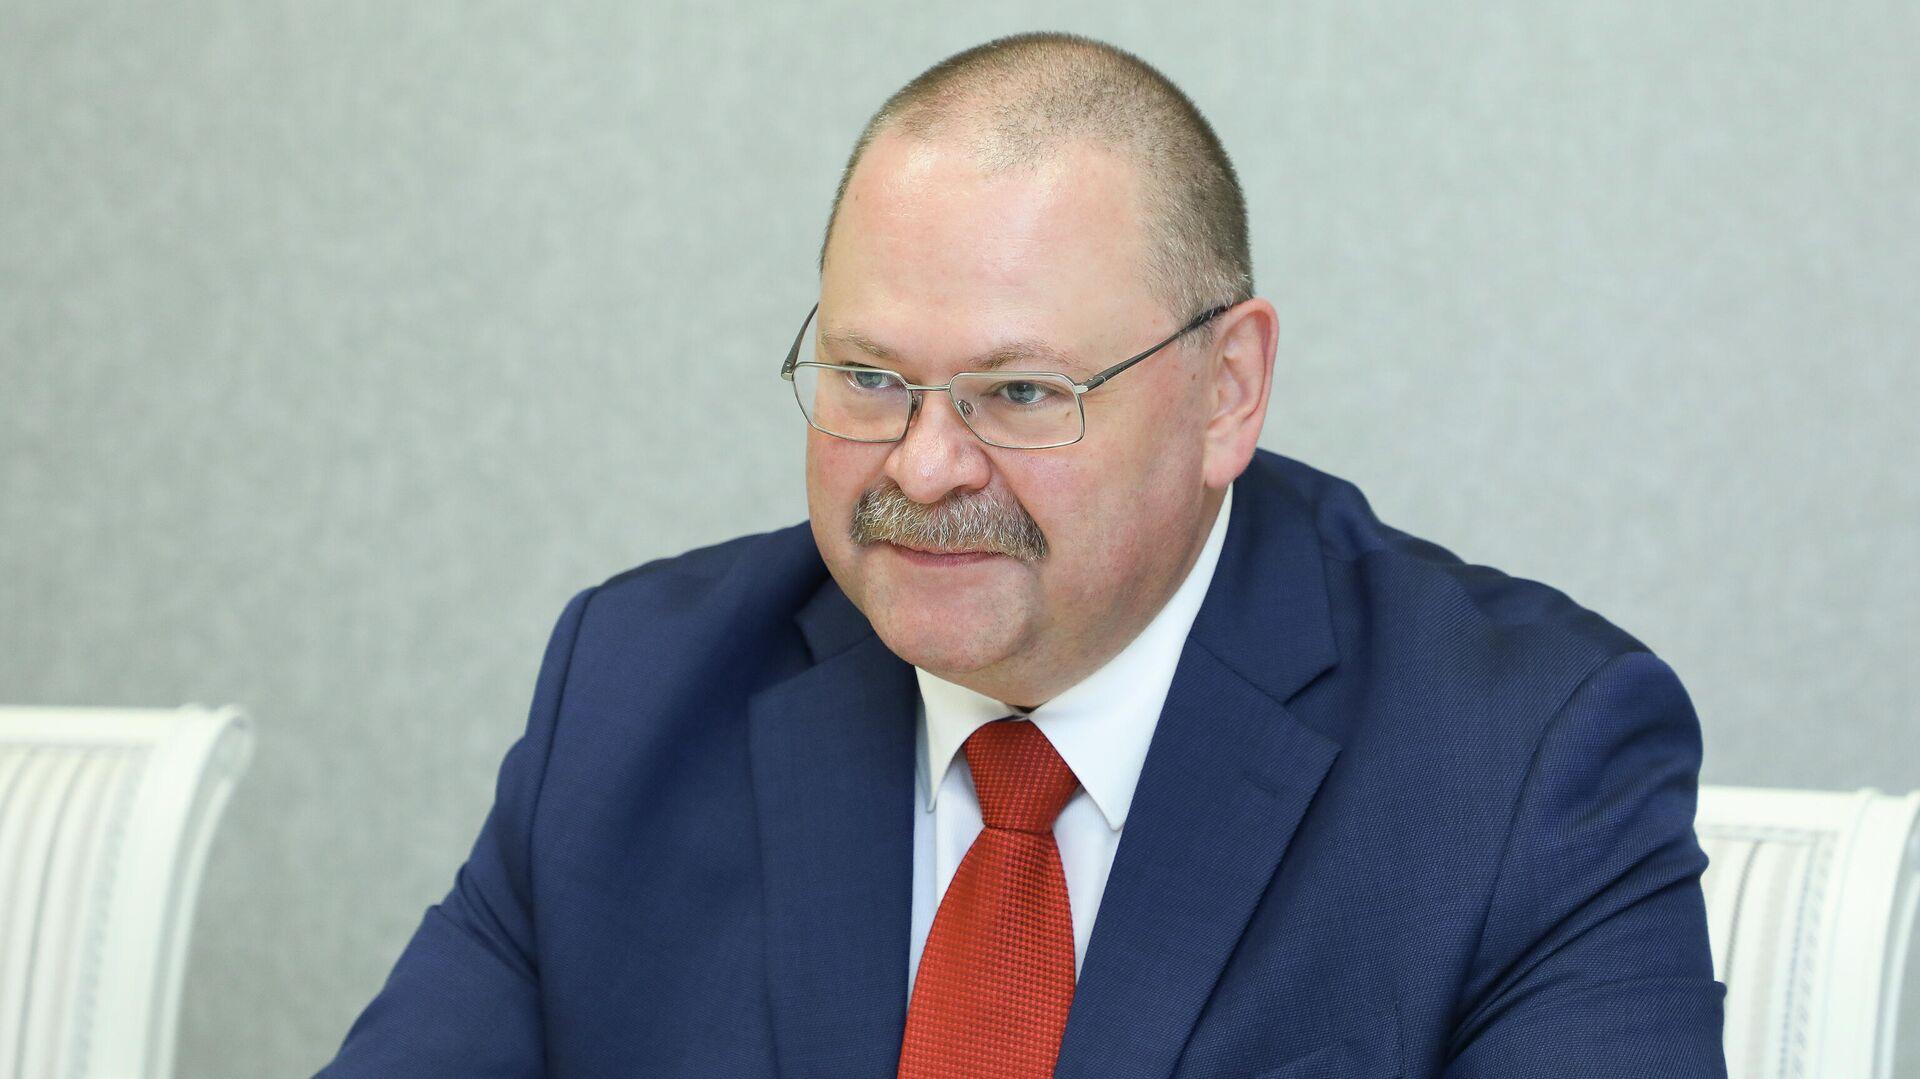 Мэр Оренбурга подал в отставку